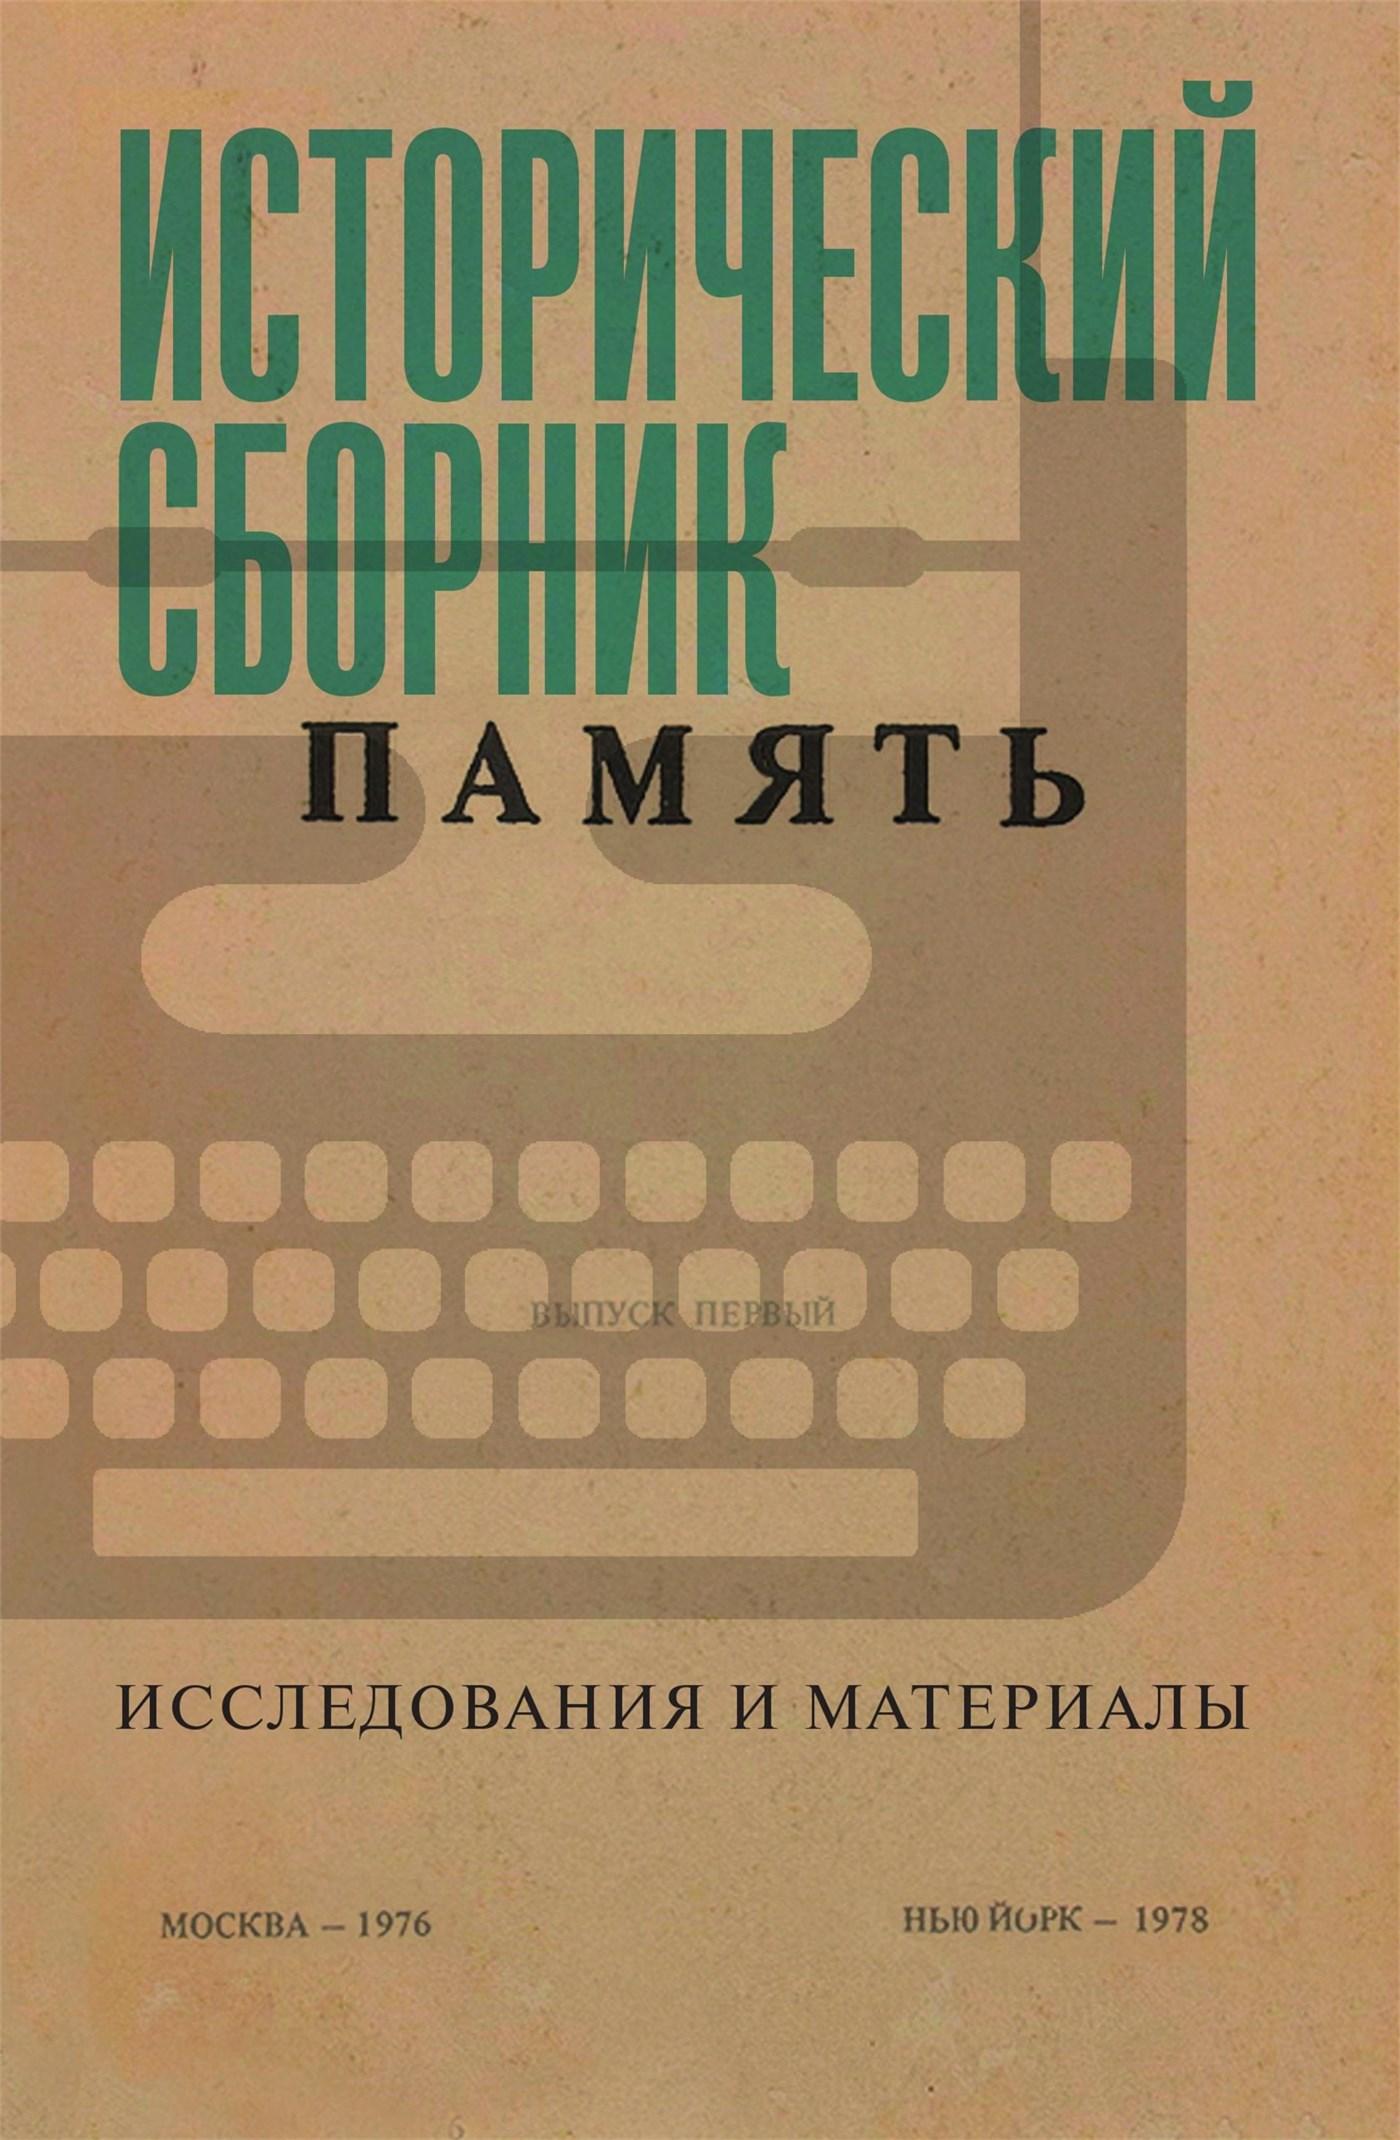 Исторический сборник «Память». Исследования и материалы